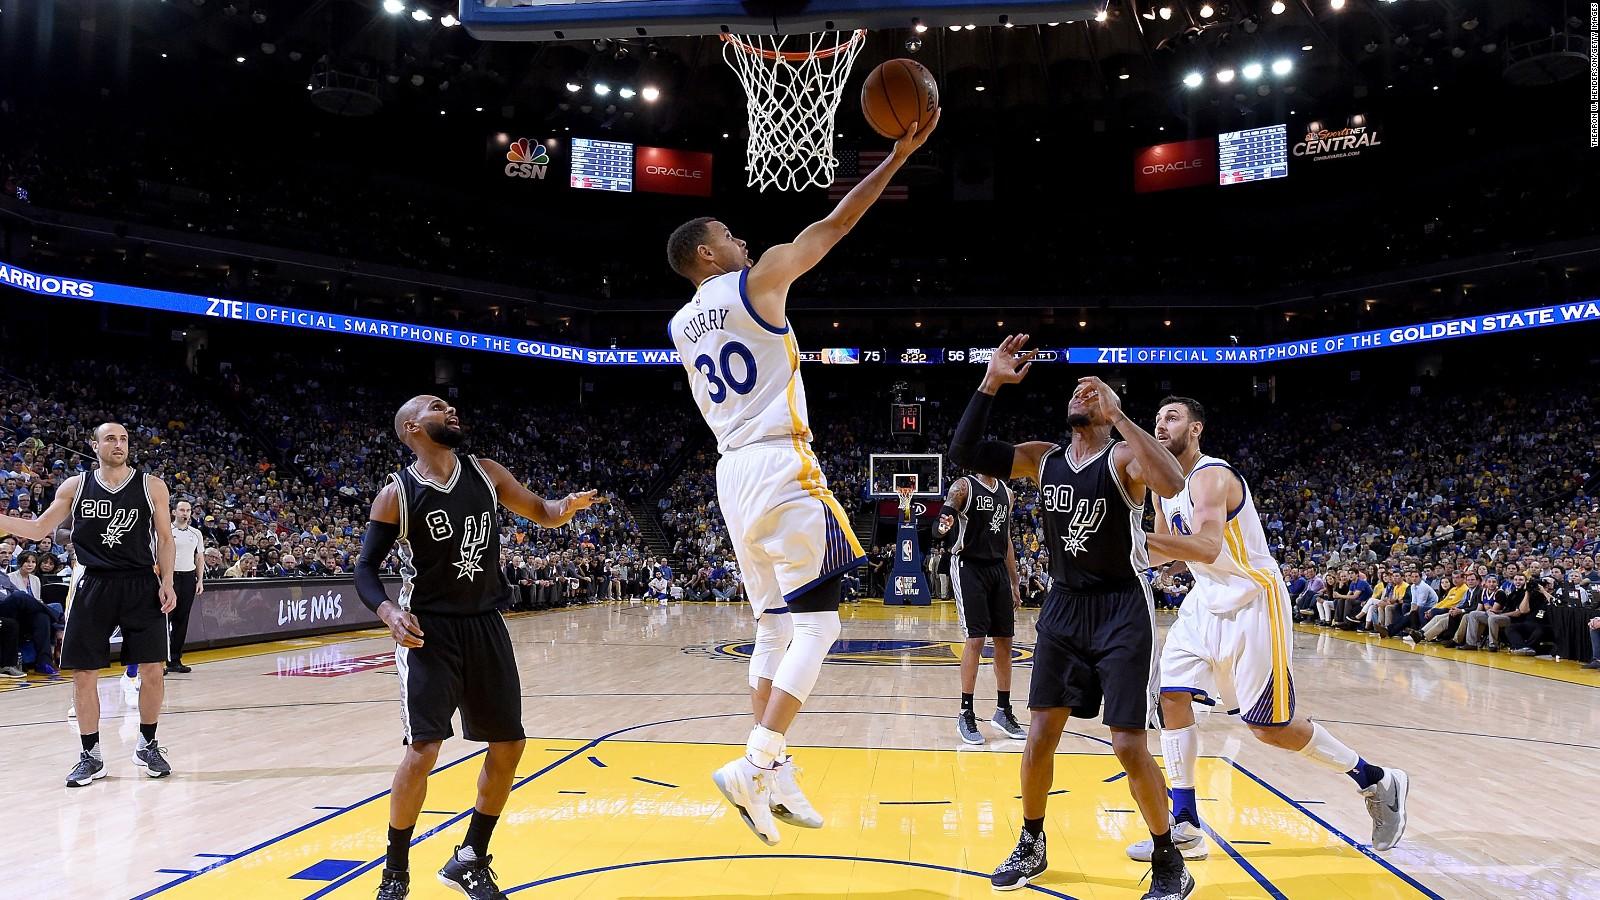 Golden State Warriors Break Nba Wins Record Cnn Video